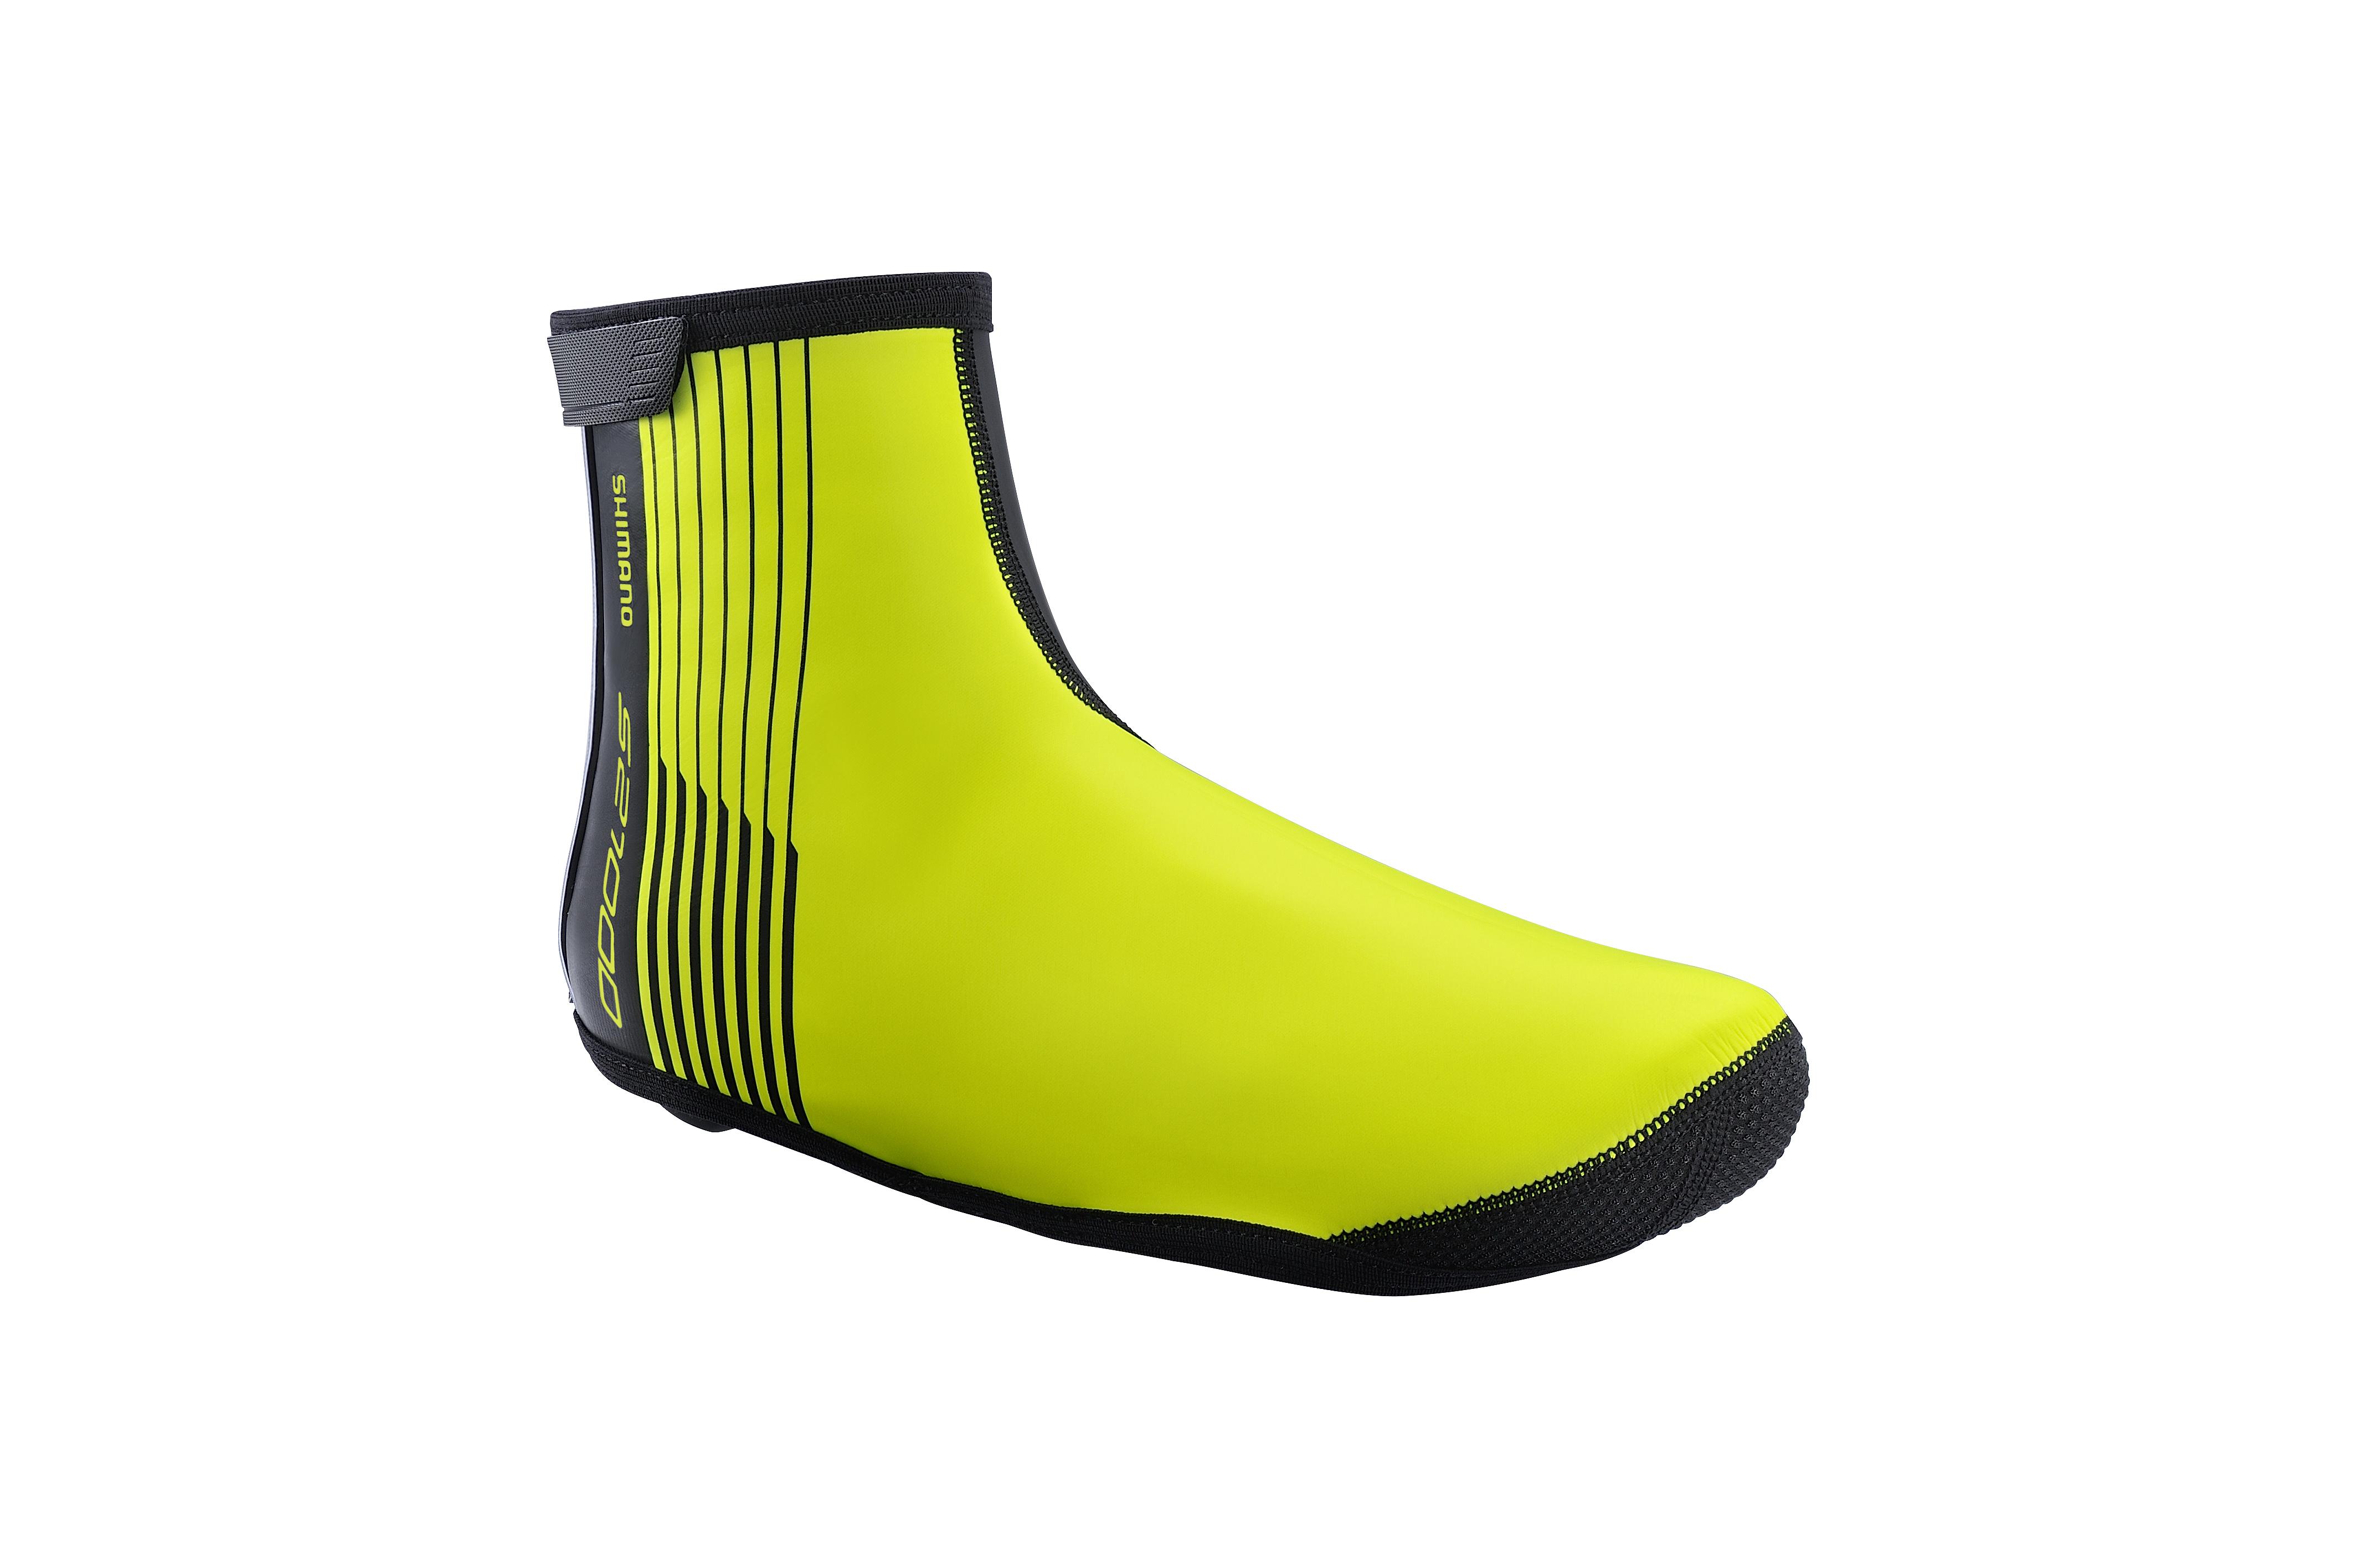 SHIMANO S2100D návleky na obuv, Neon žlutá, S